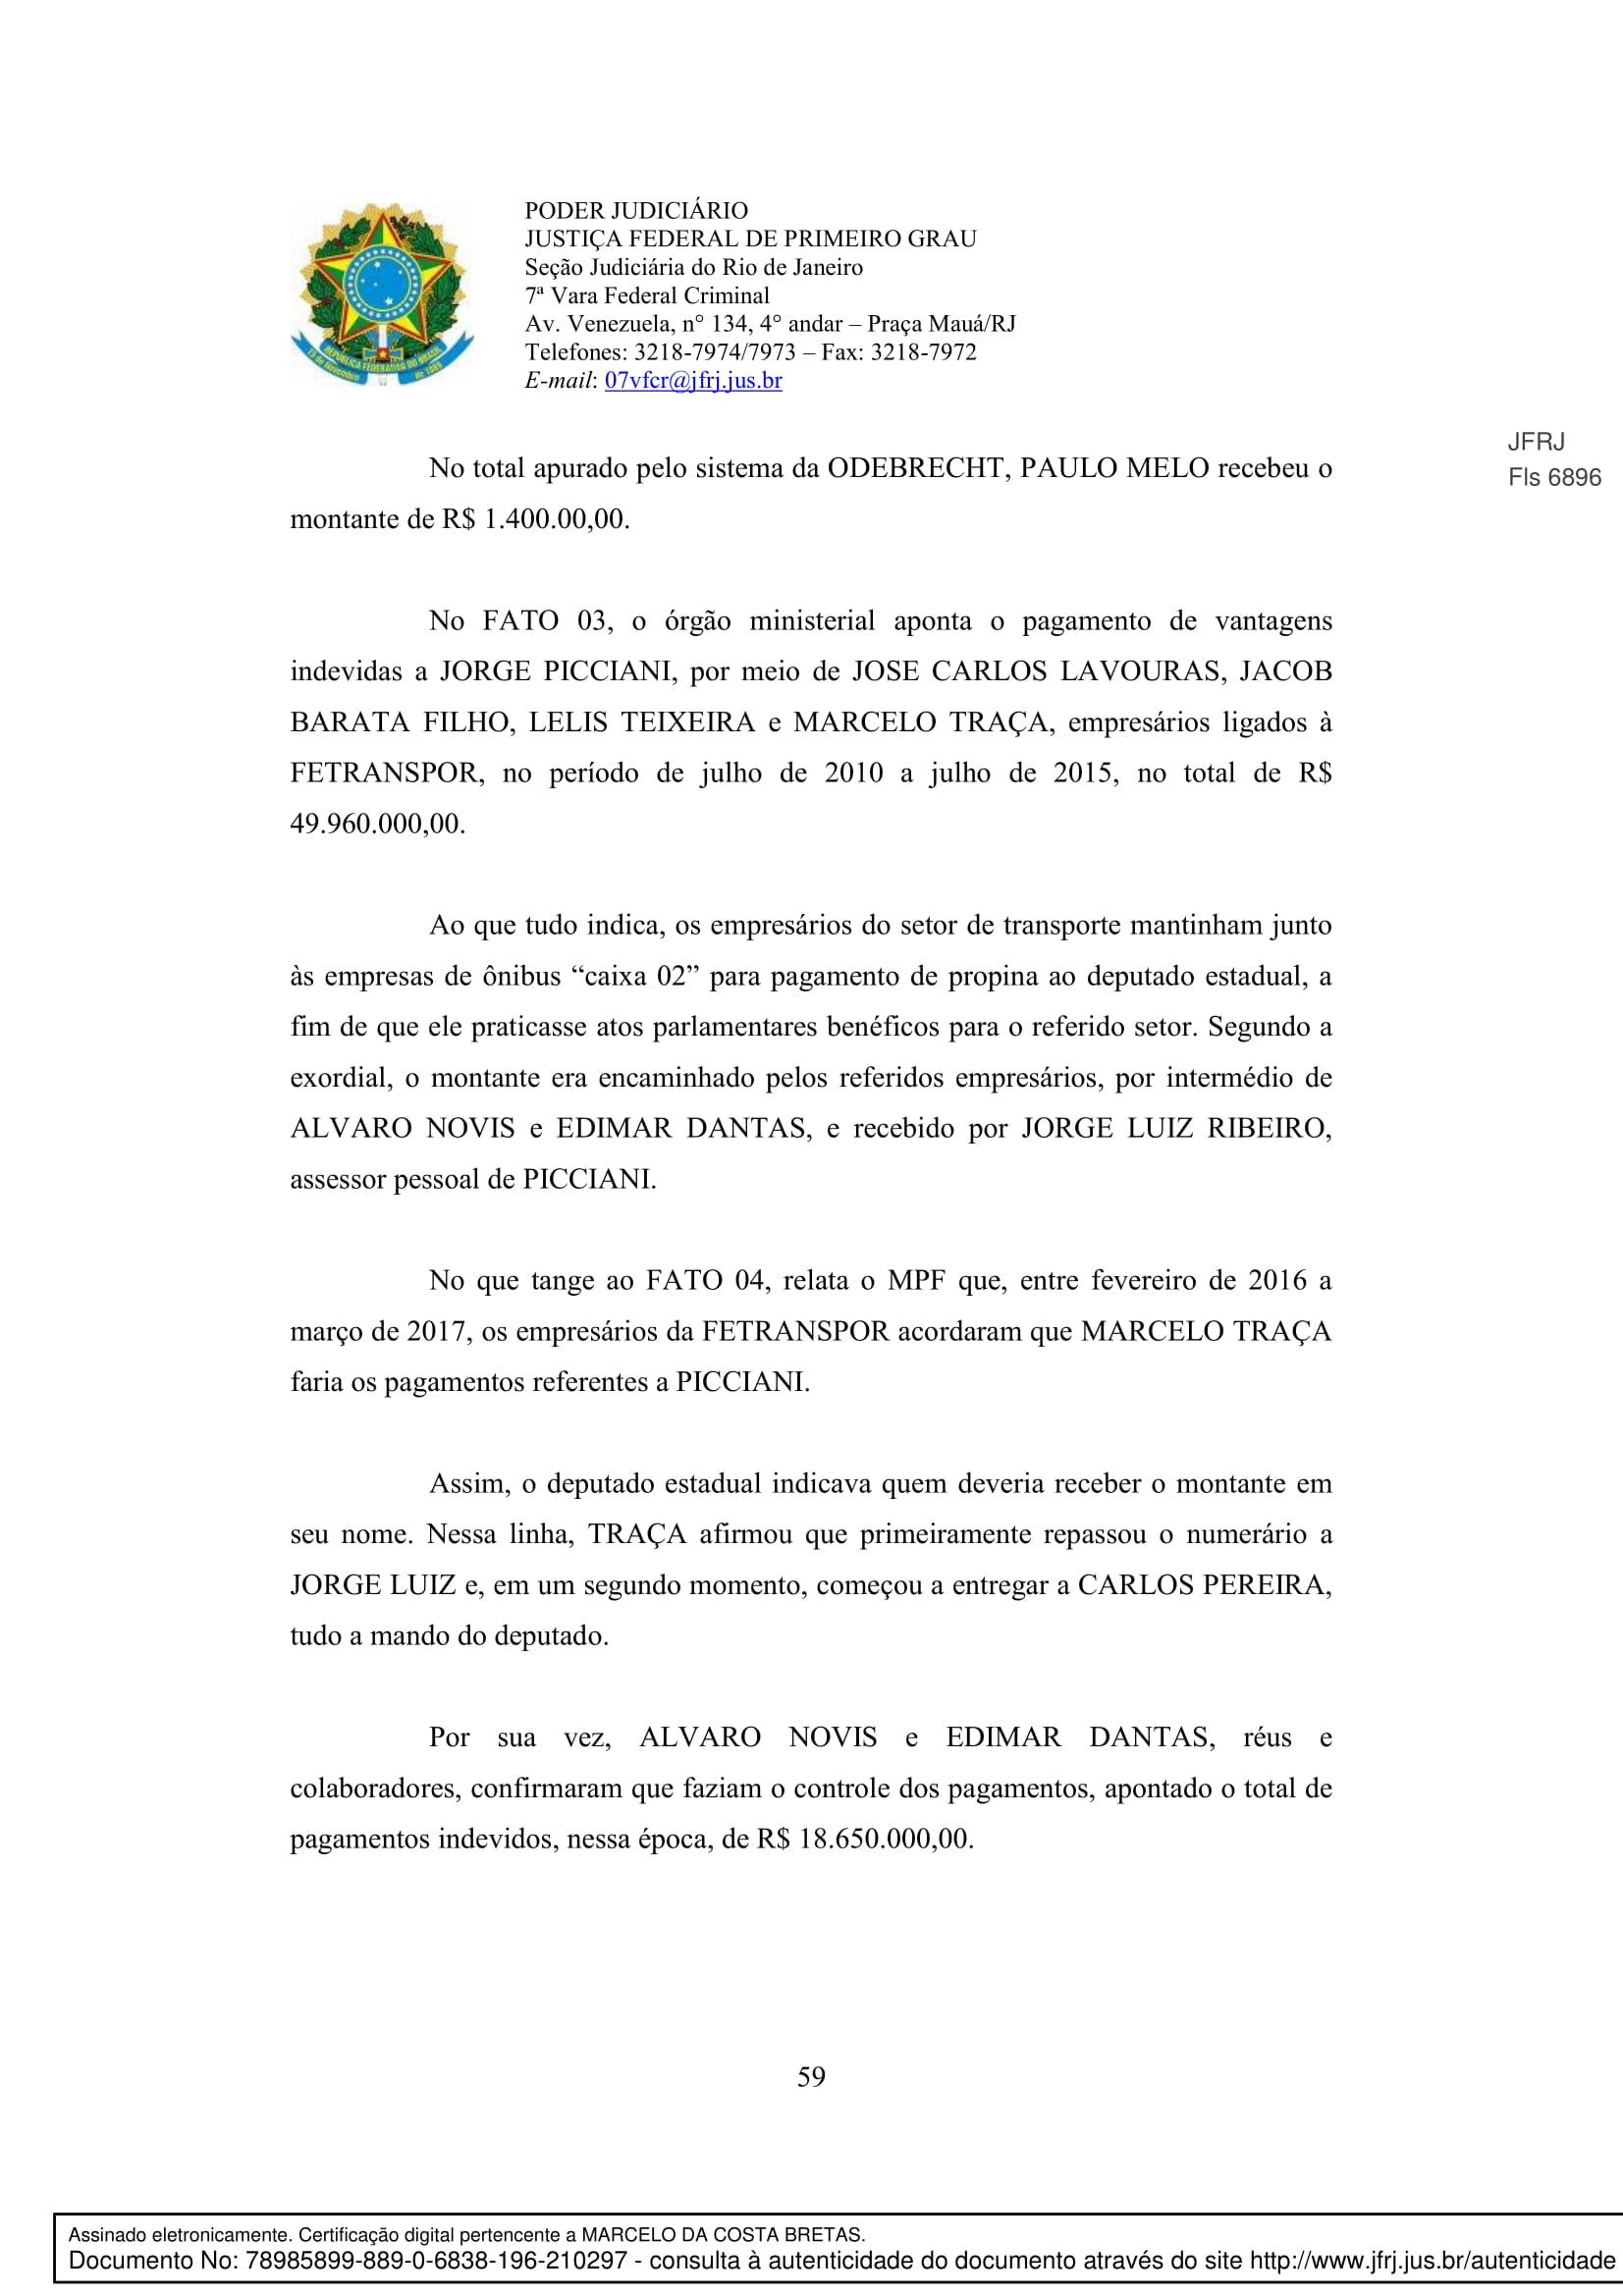 Sentenca-Cadeia-Velha-7VFC-059